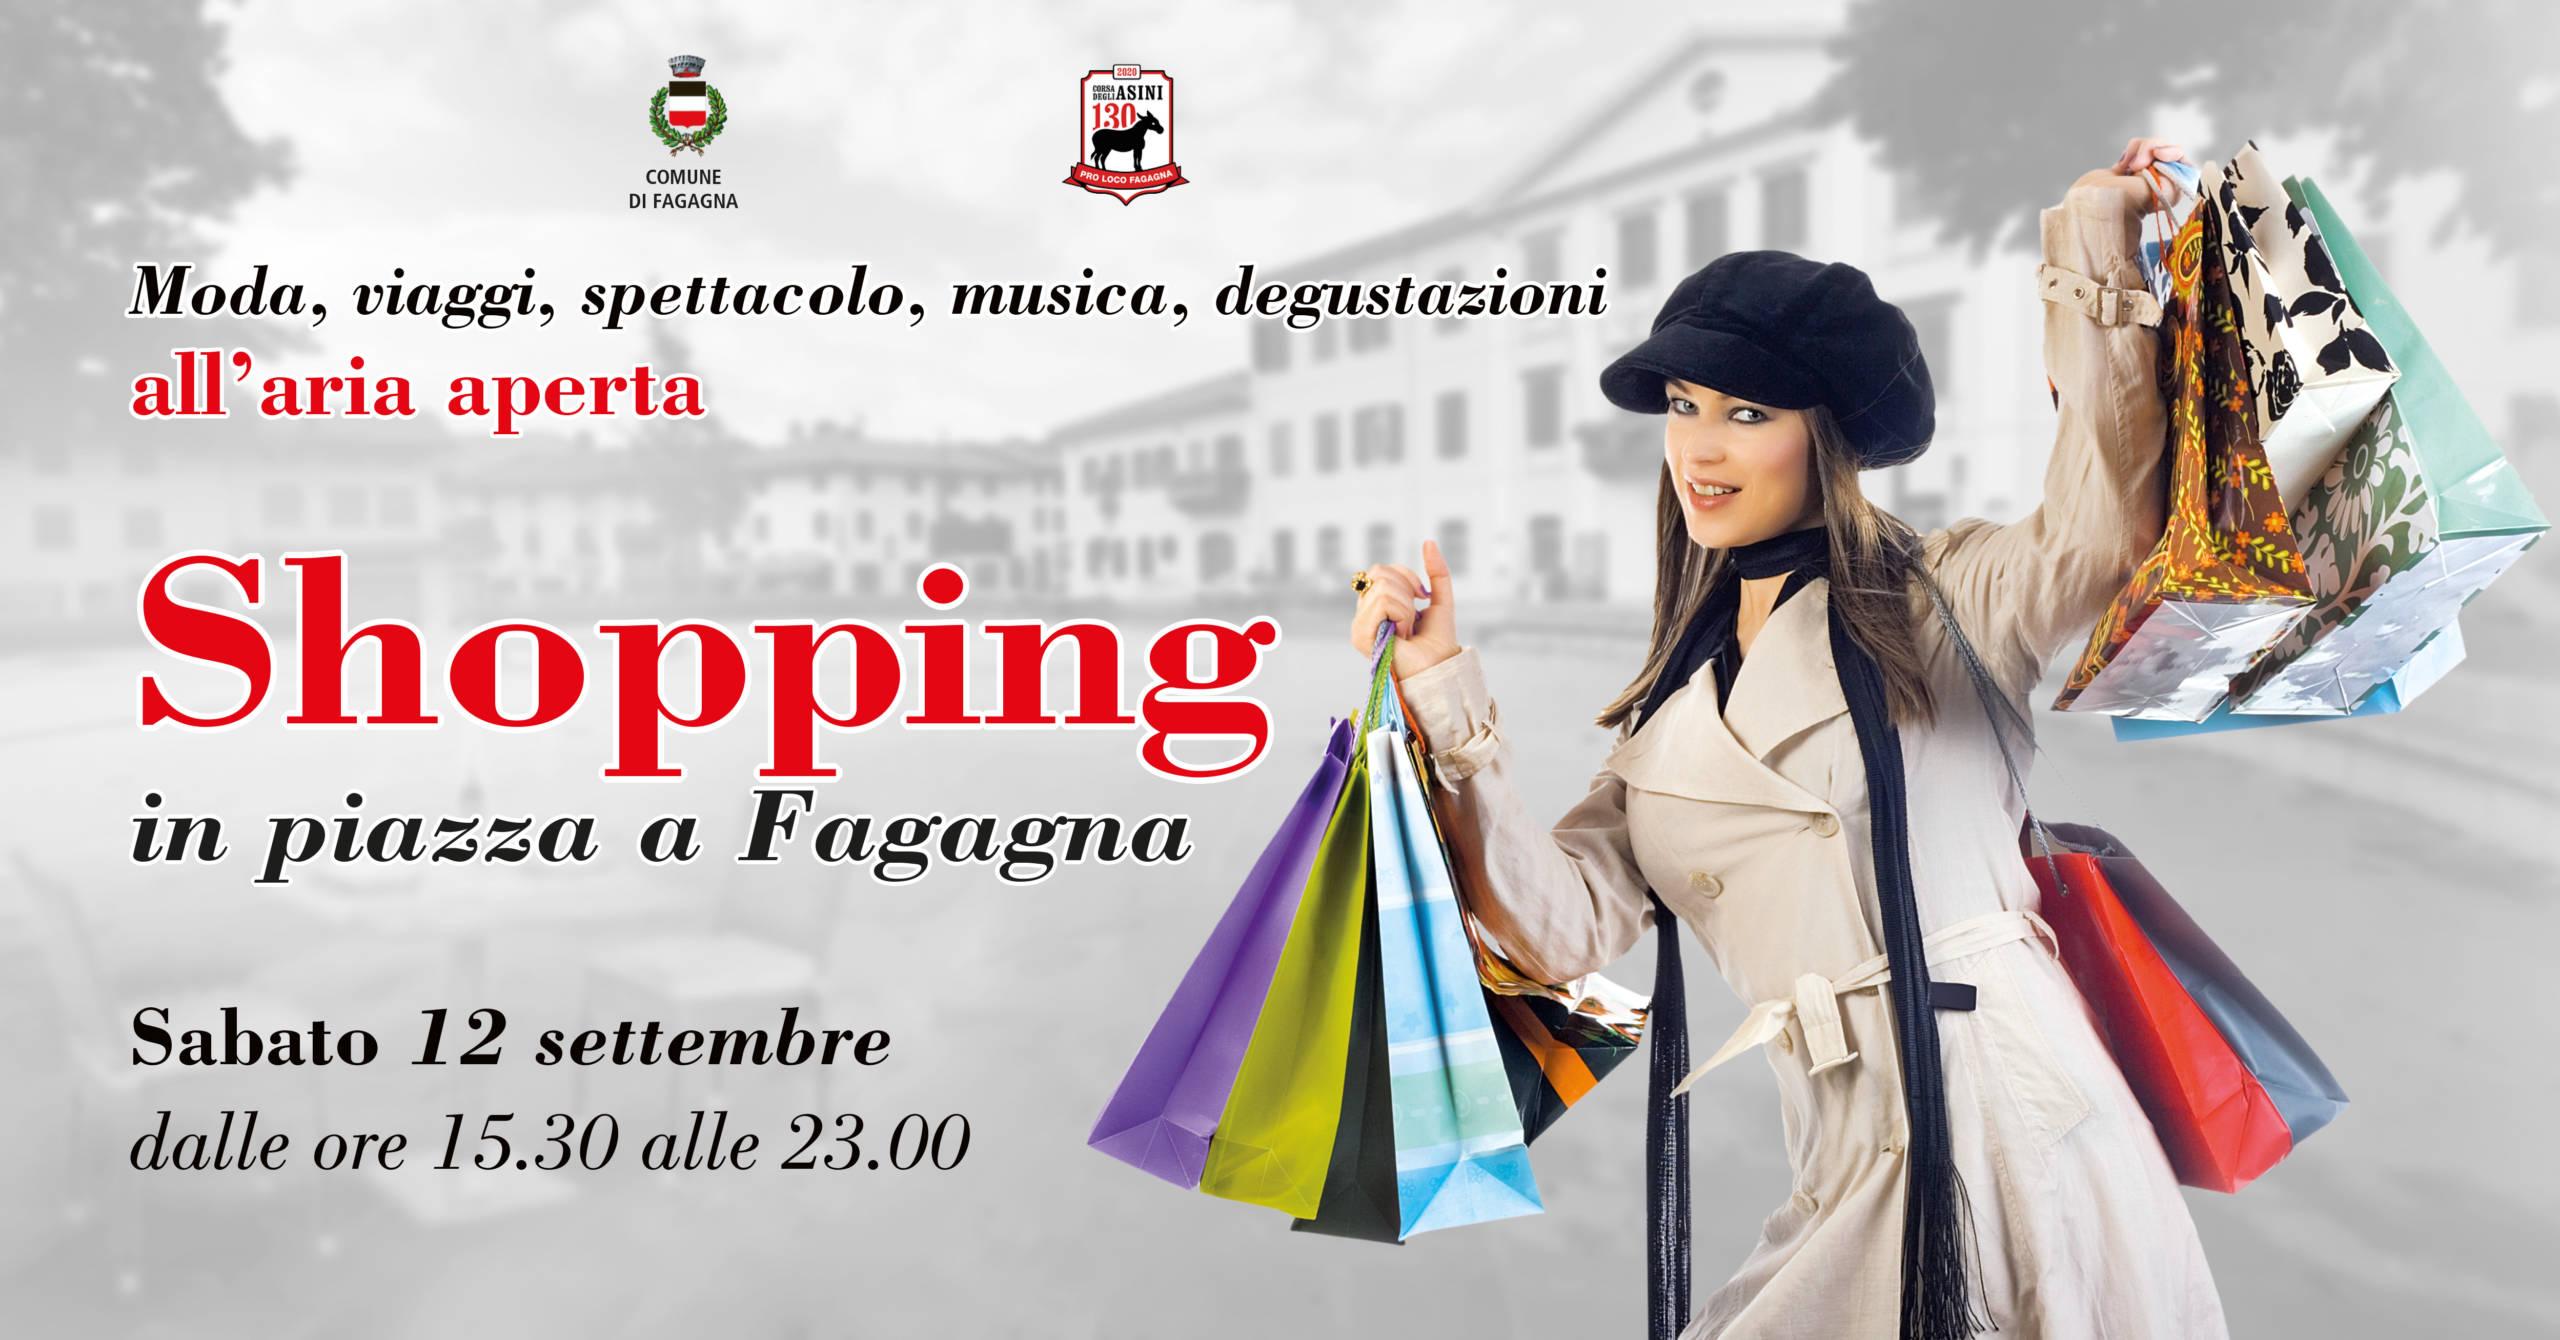 Shopping a Fagagna 12 settembre 2020